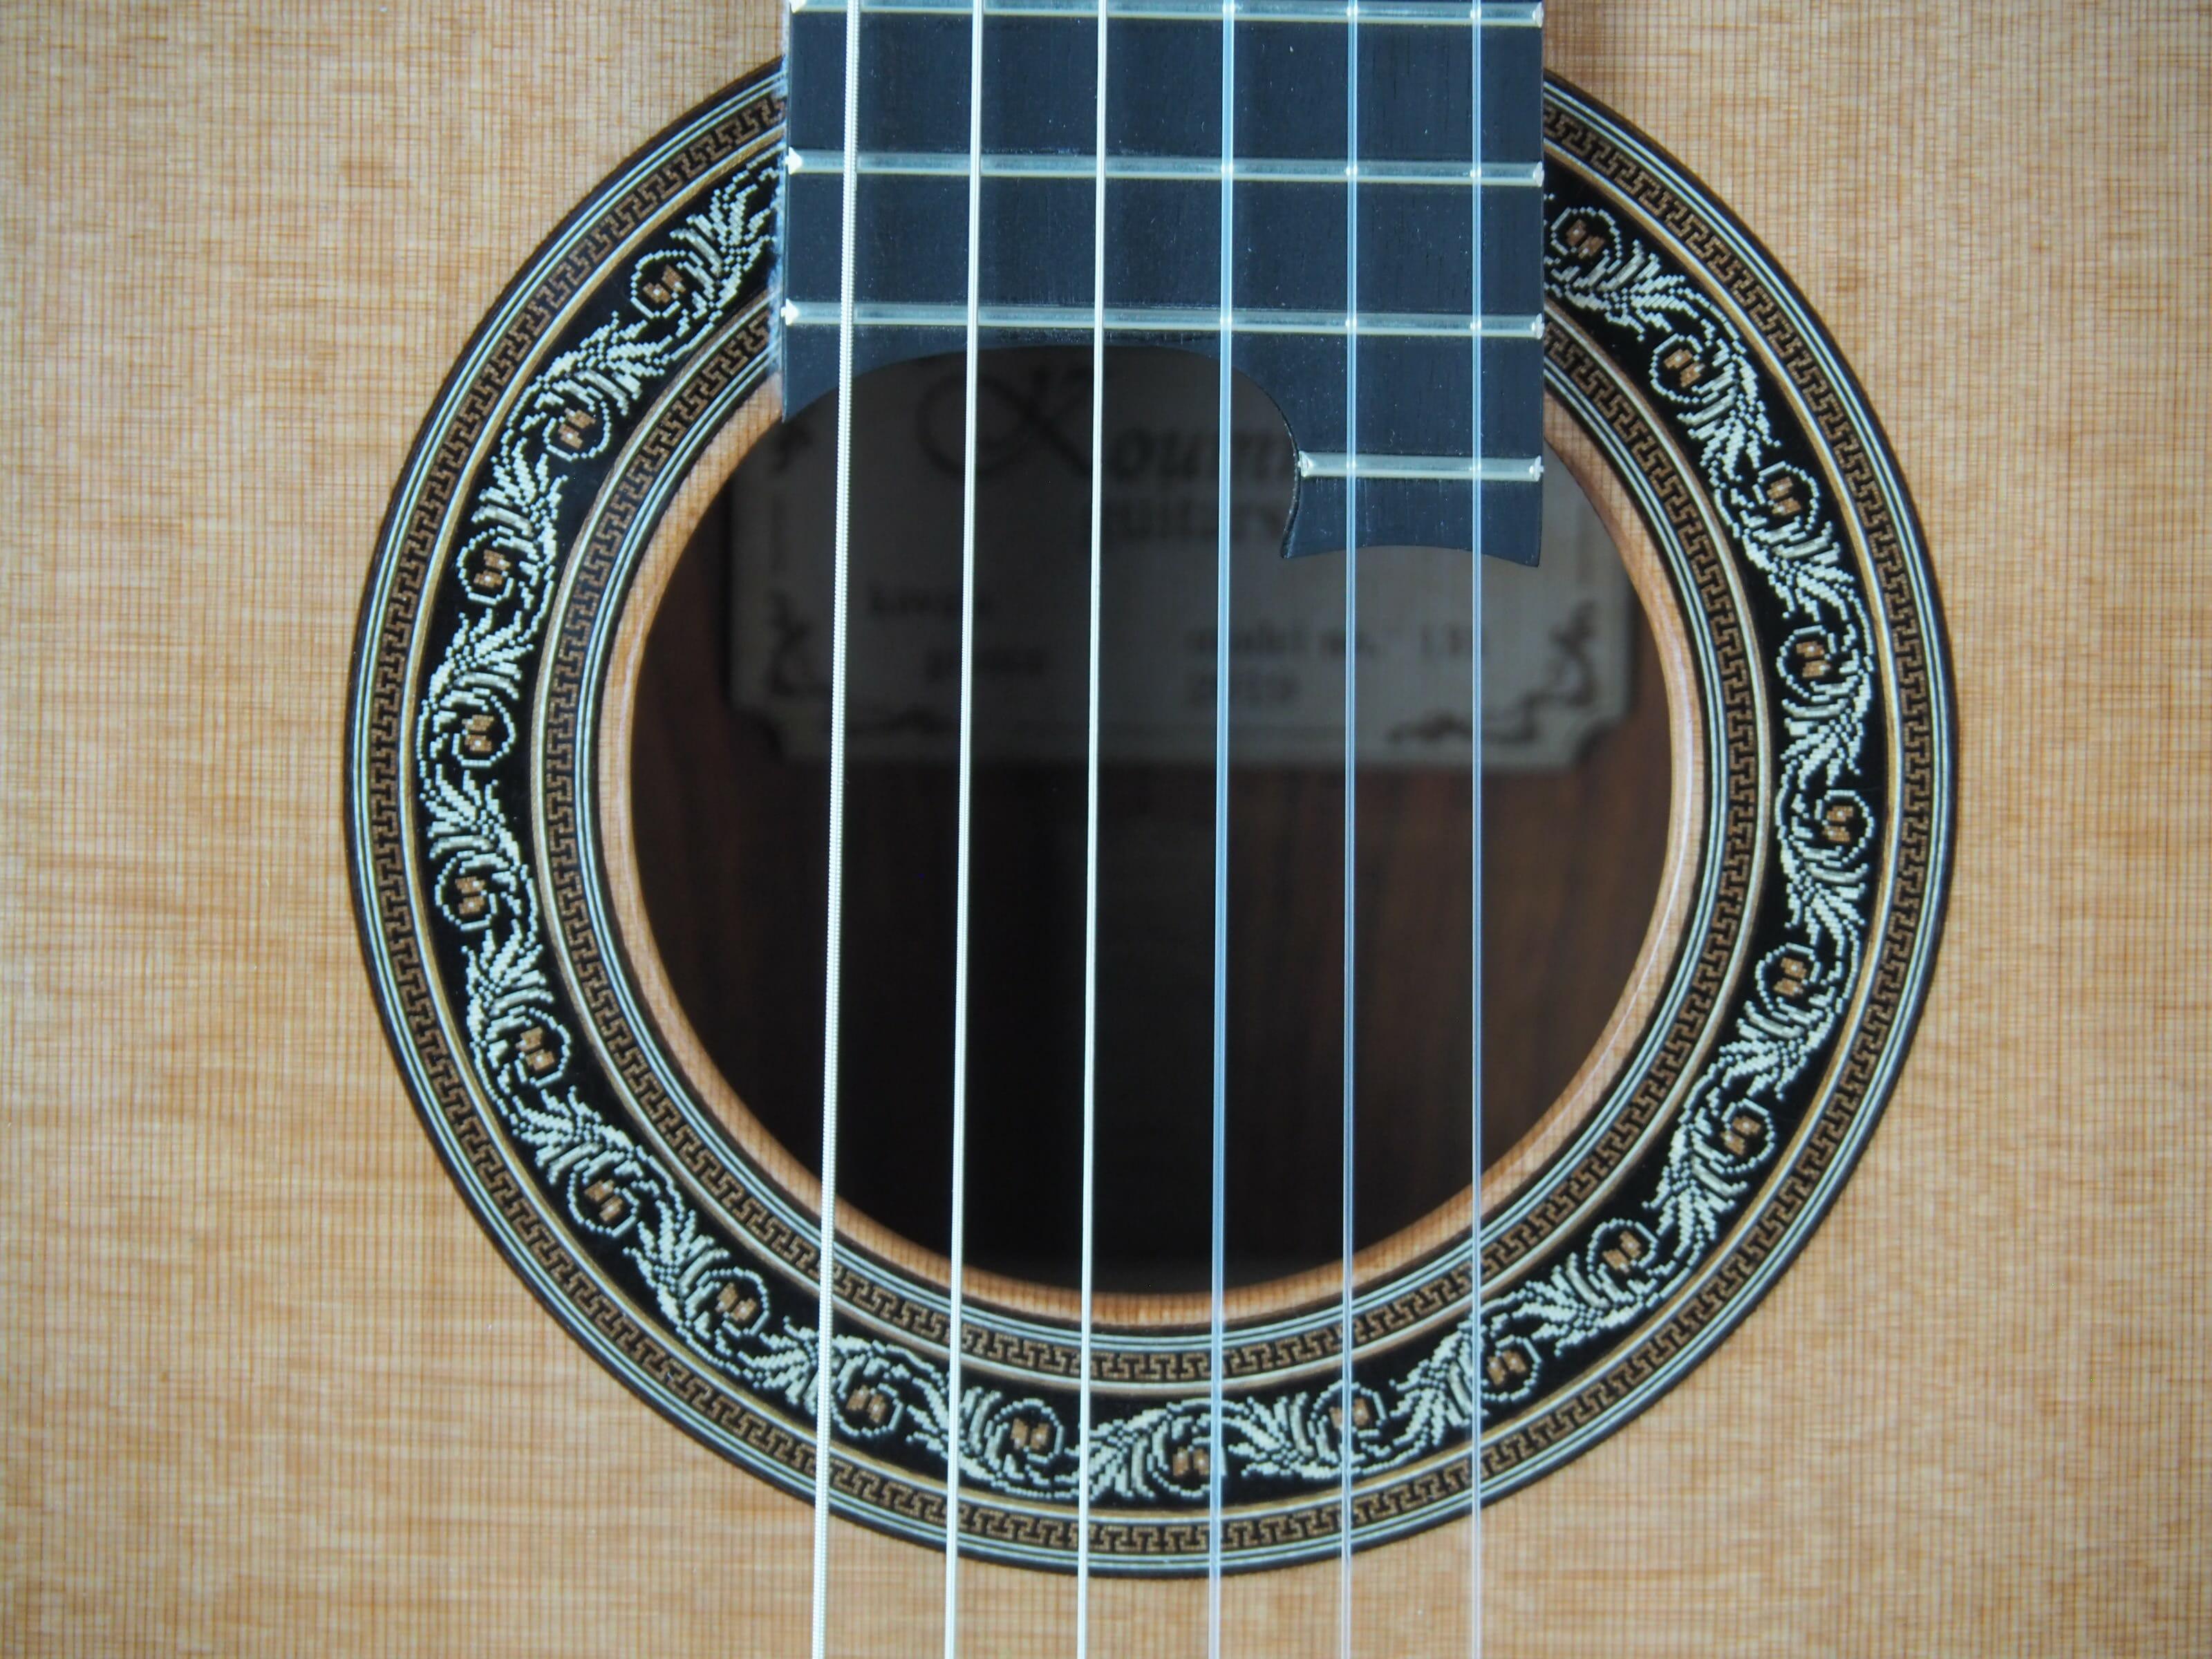 Charalampos Koumridis luthier guitare classique No 19KOU131-08